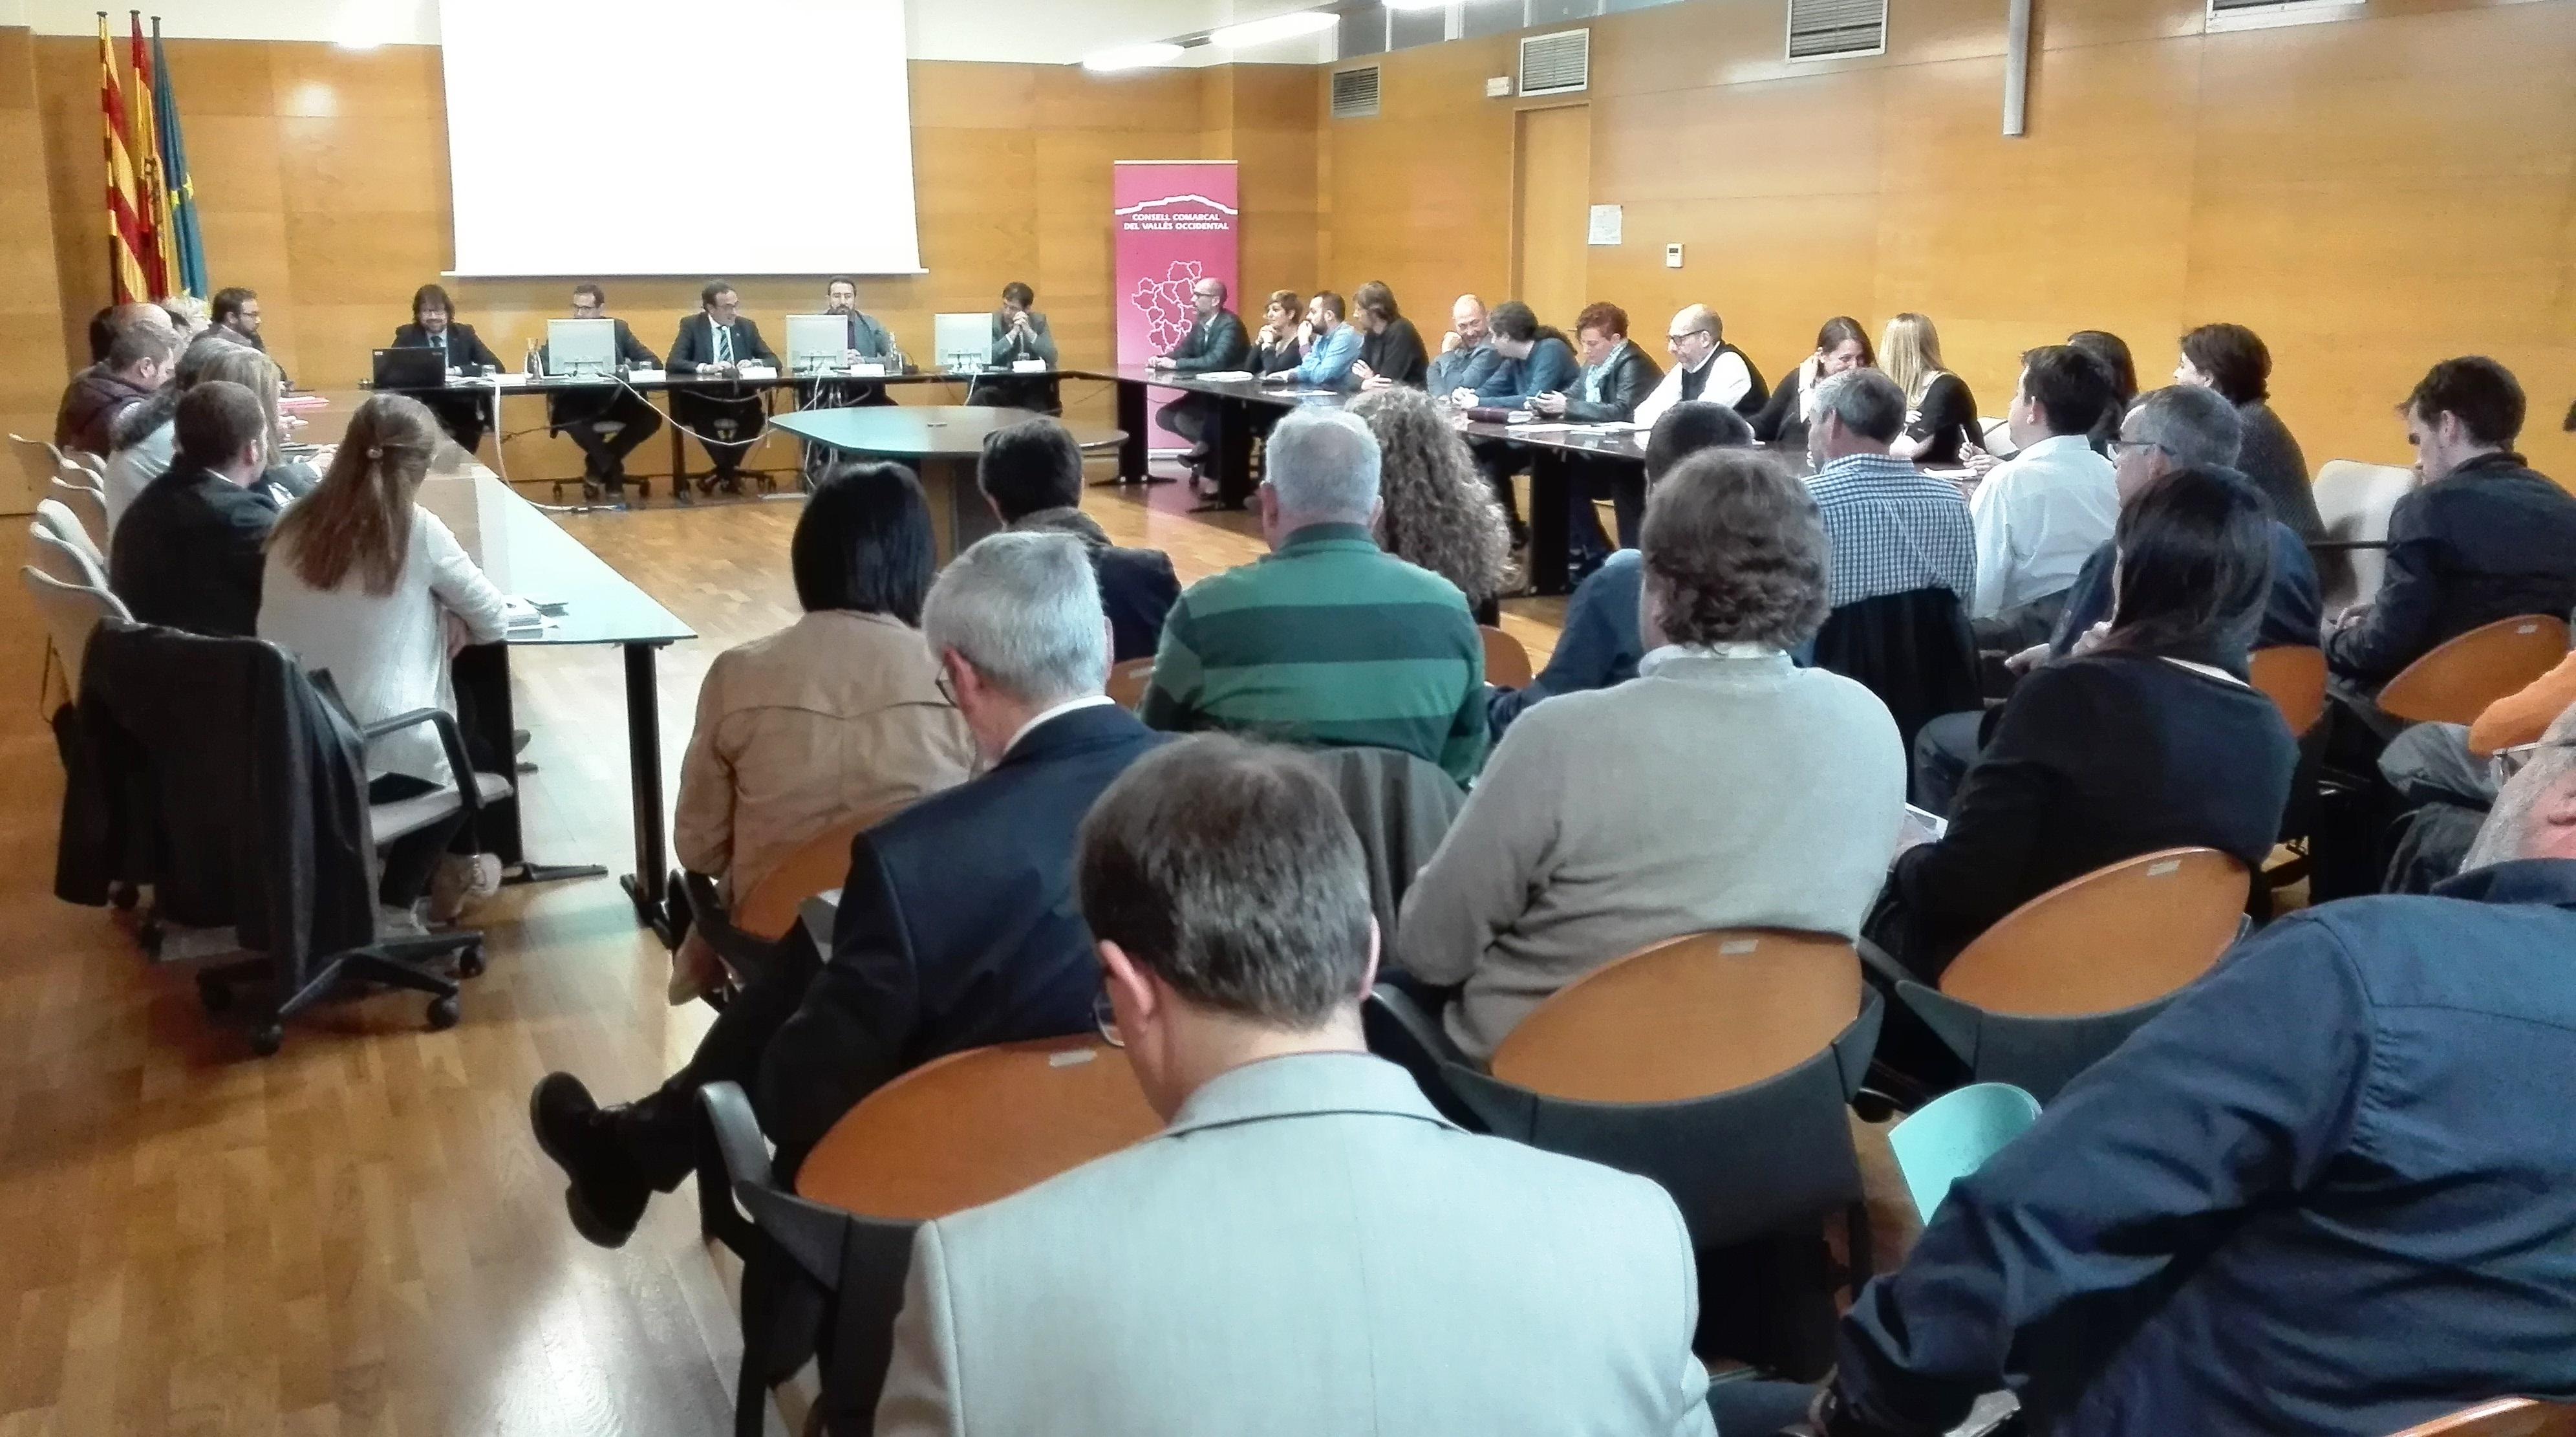 La trobada d'aquest divendres a la seu del Consell Comarcal del Vallès Occidental